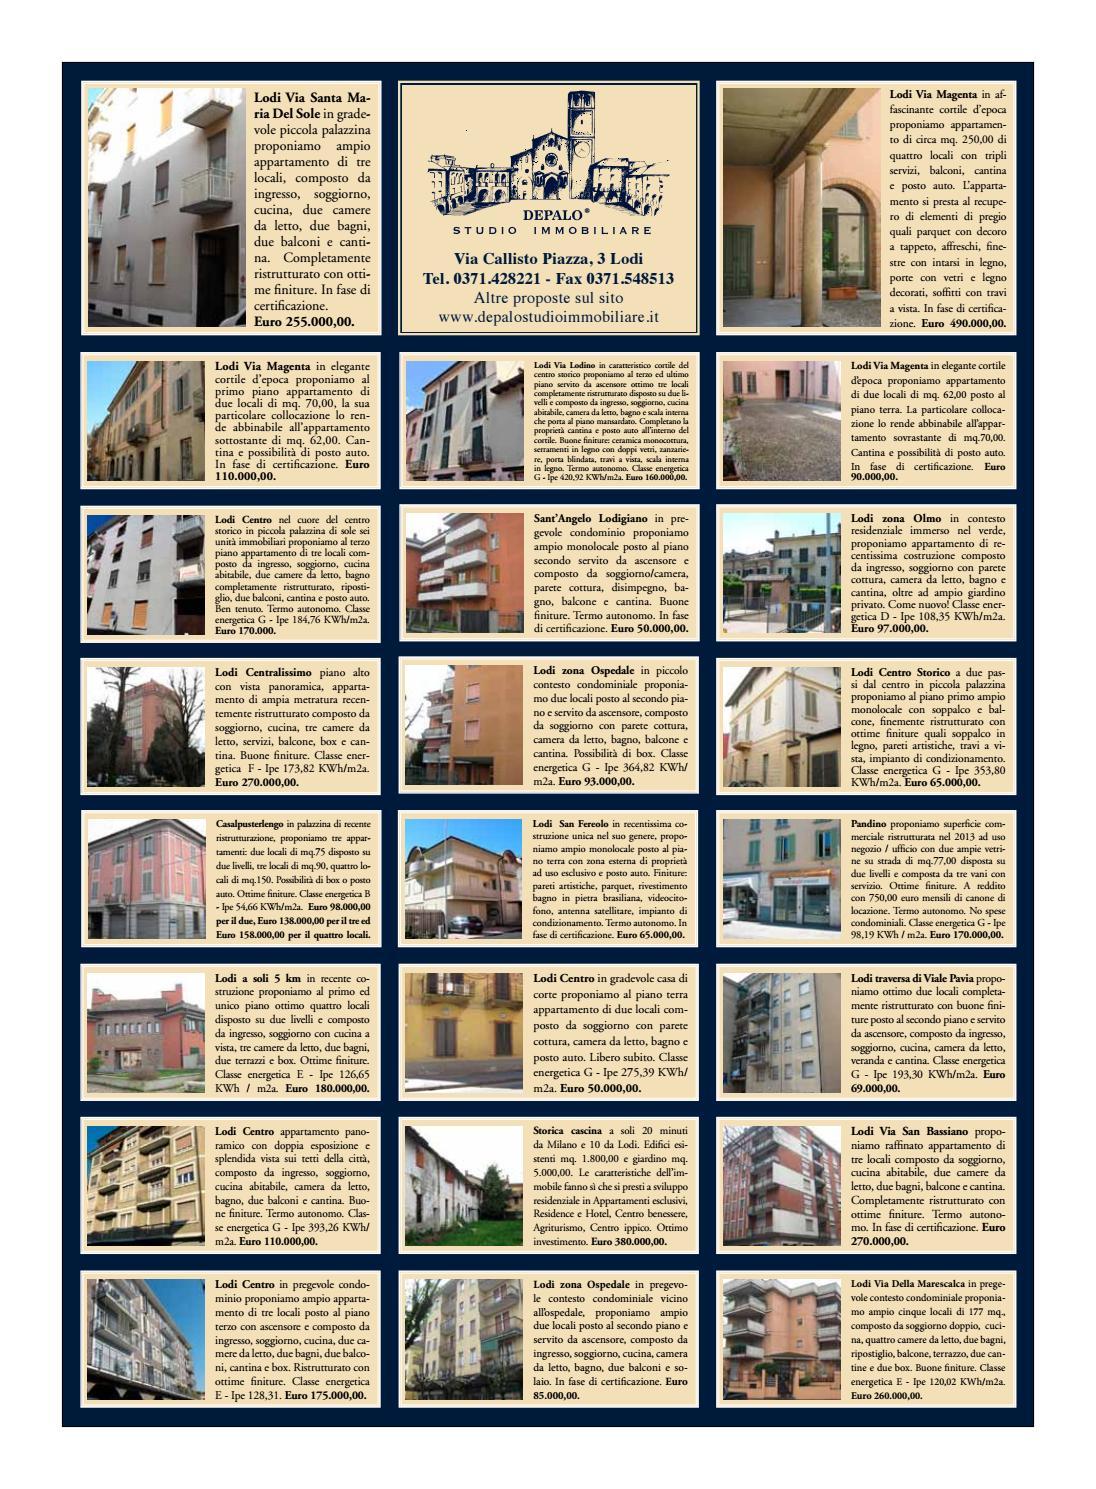 Camere Da Letto Lodi lodi affari 15 settembre by lodi affari - issuu